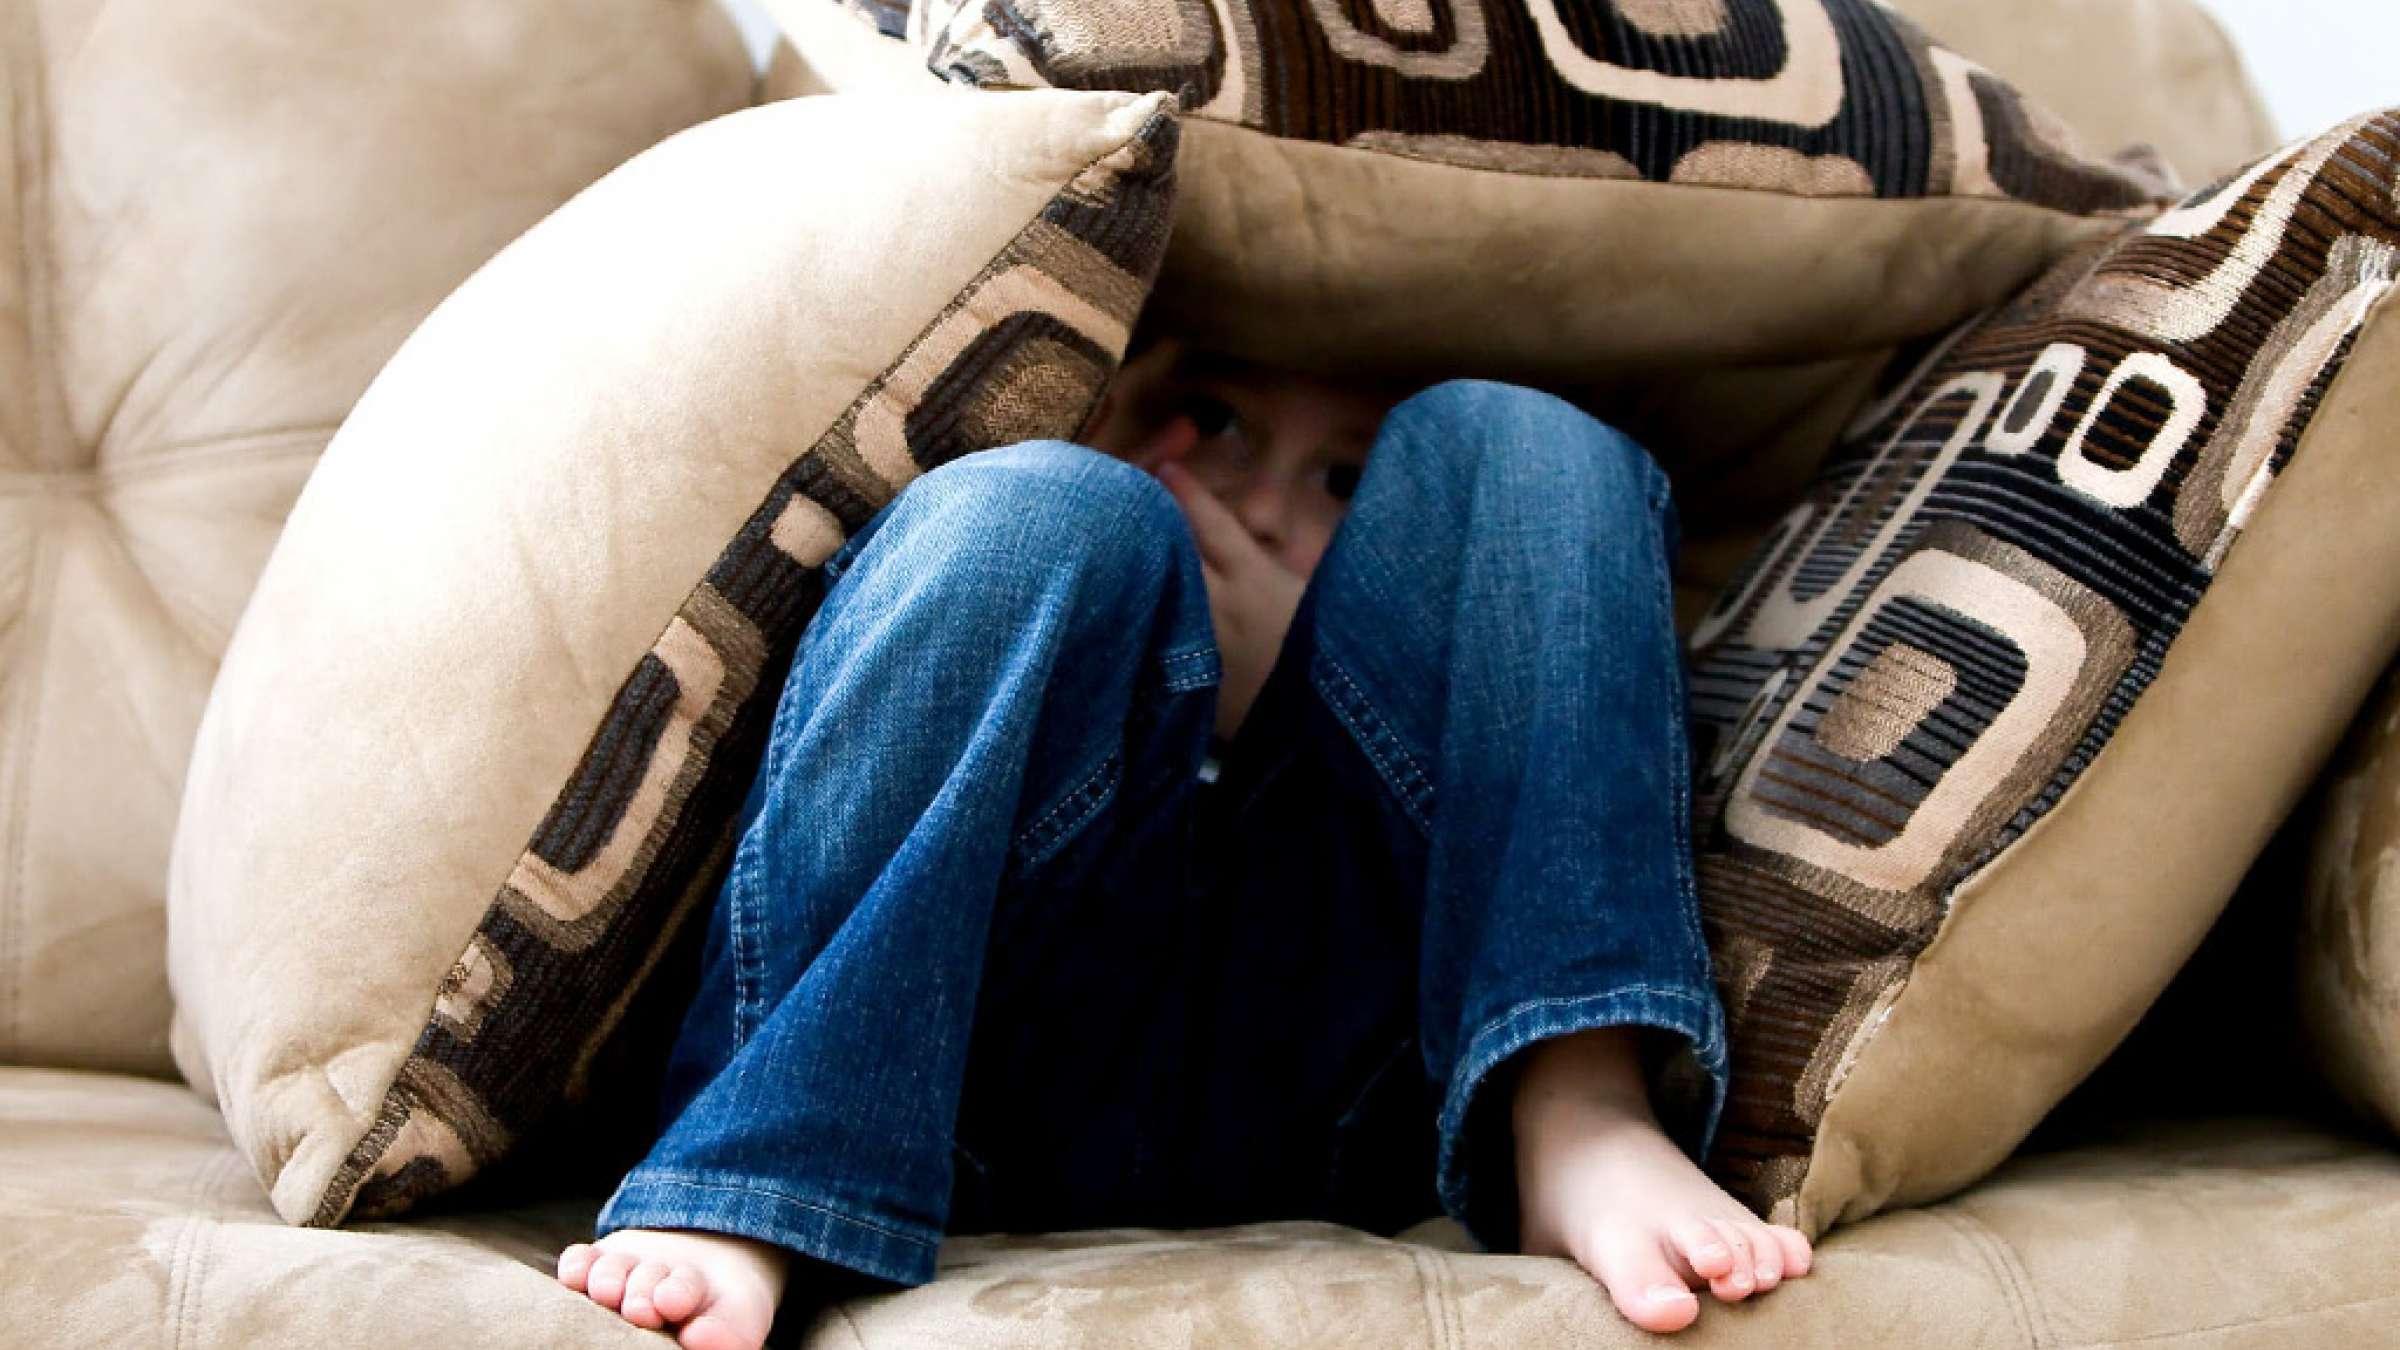 روانشناسی-نیکخواه-از-دوران-کودکی-خود-بپرسید